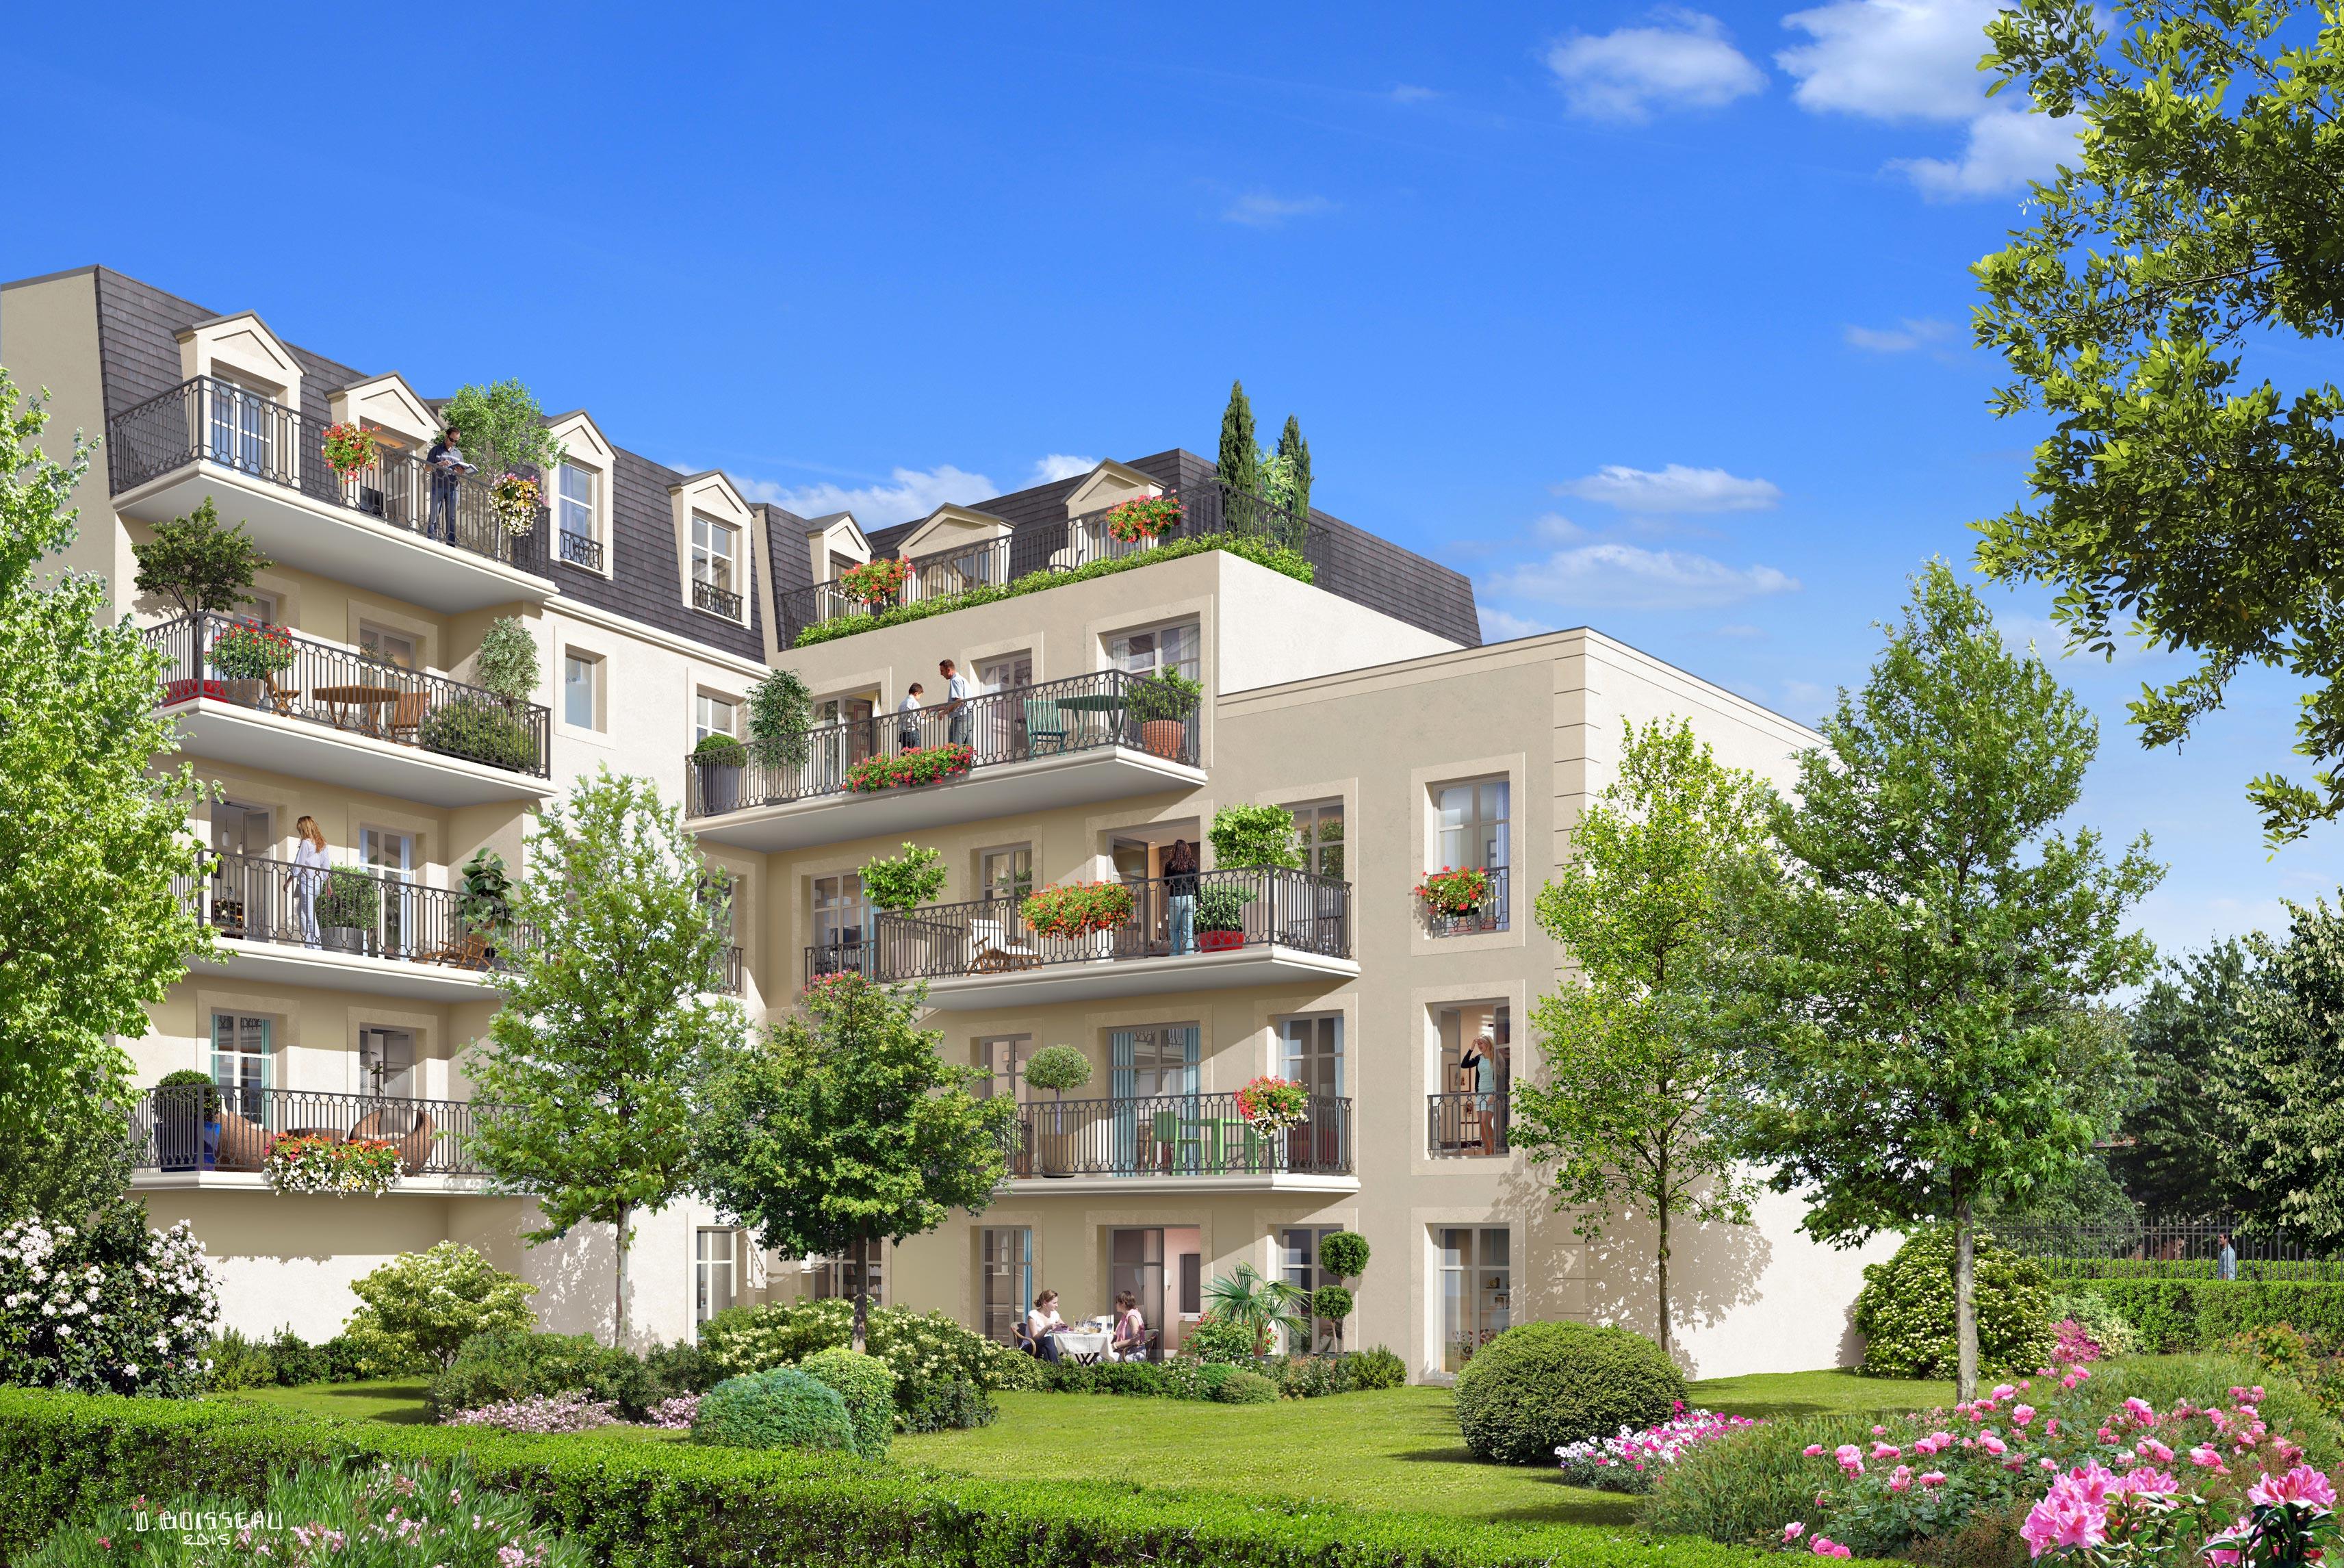 Fontenay Sous Bois Immobilier - Appartements neufà Fontenay sous Bois (94) Villa Emeraude Beryl Investissement Immobilier